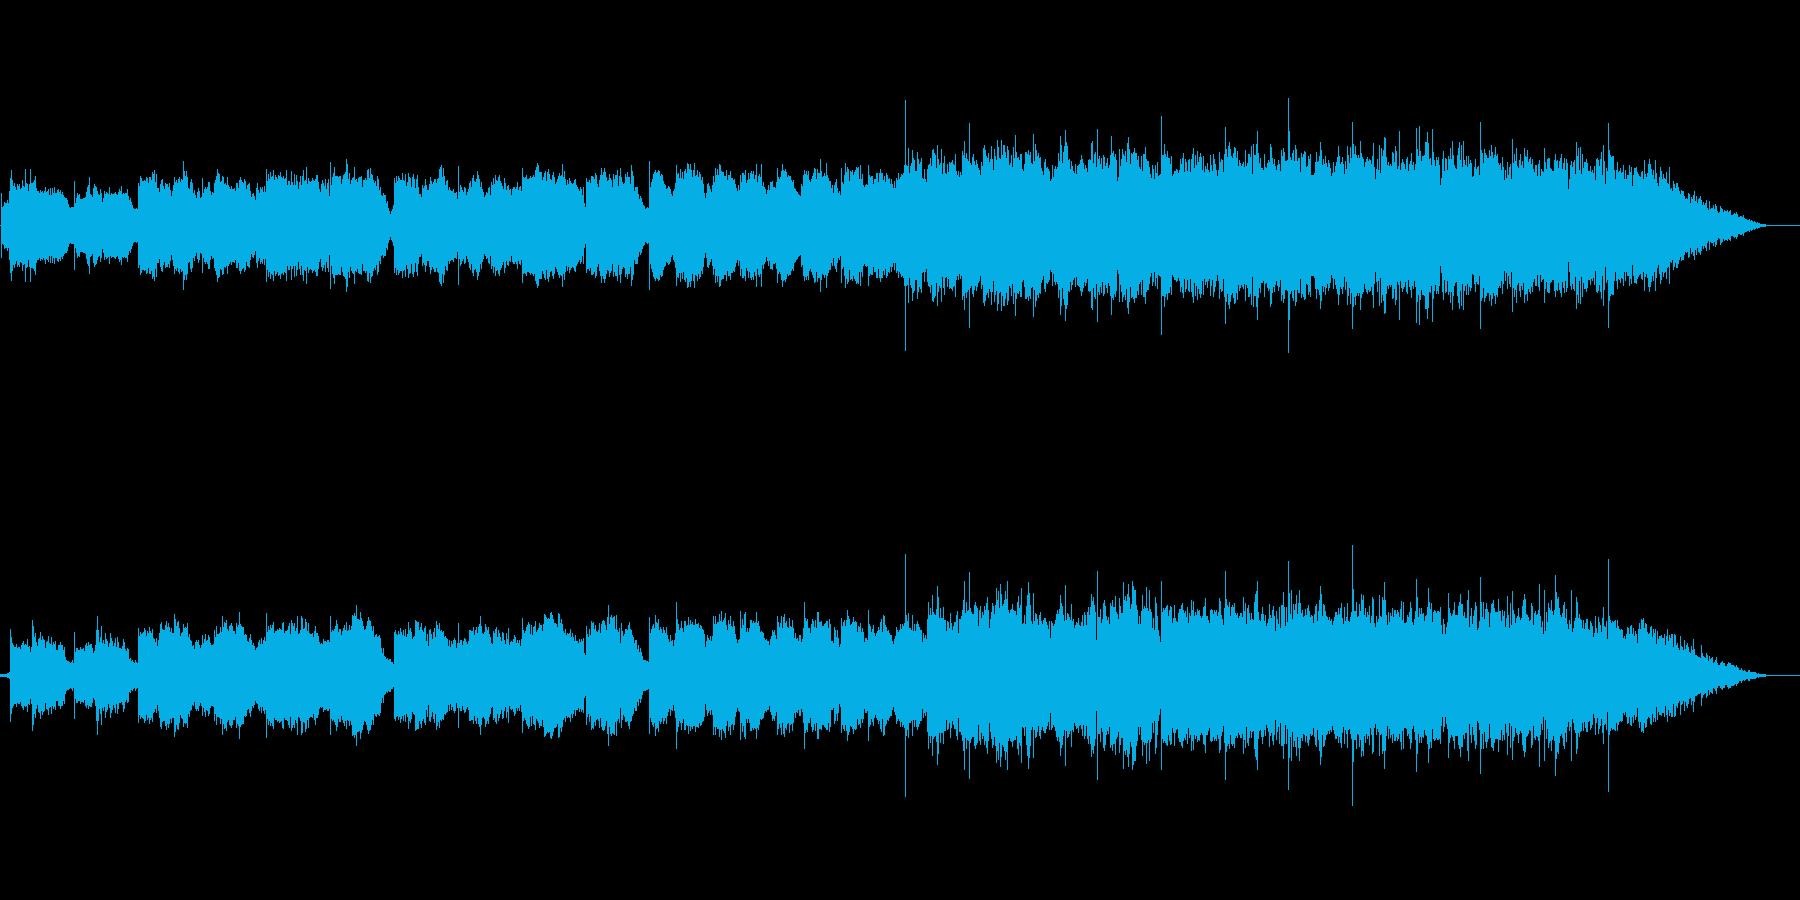 チベット系の民族楽器の幻想曲です。の再生済みの波形